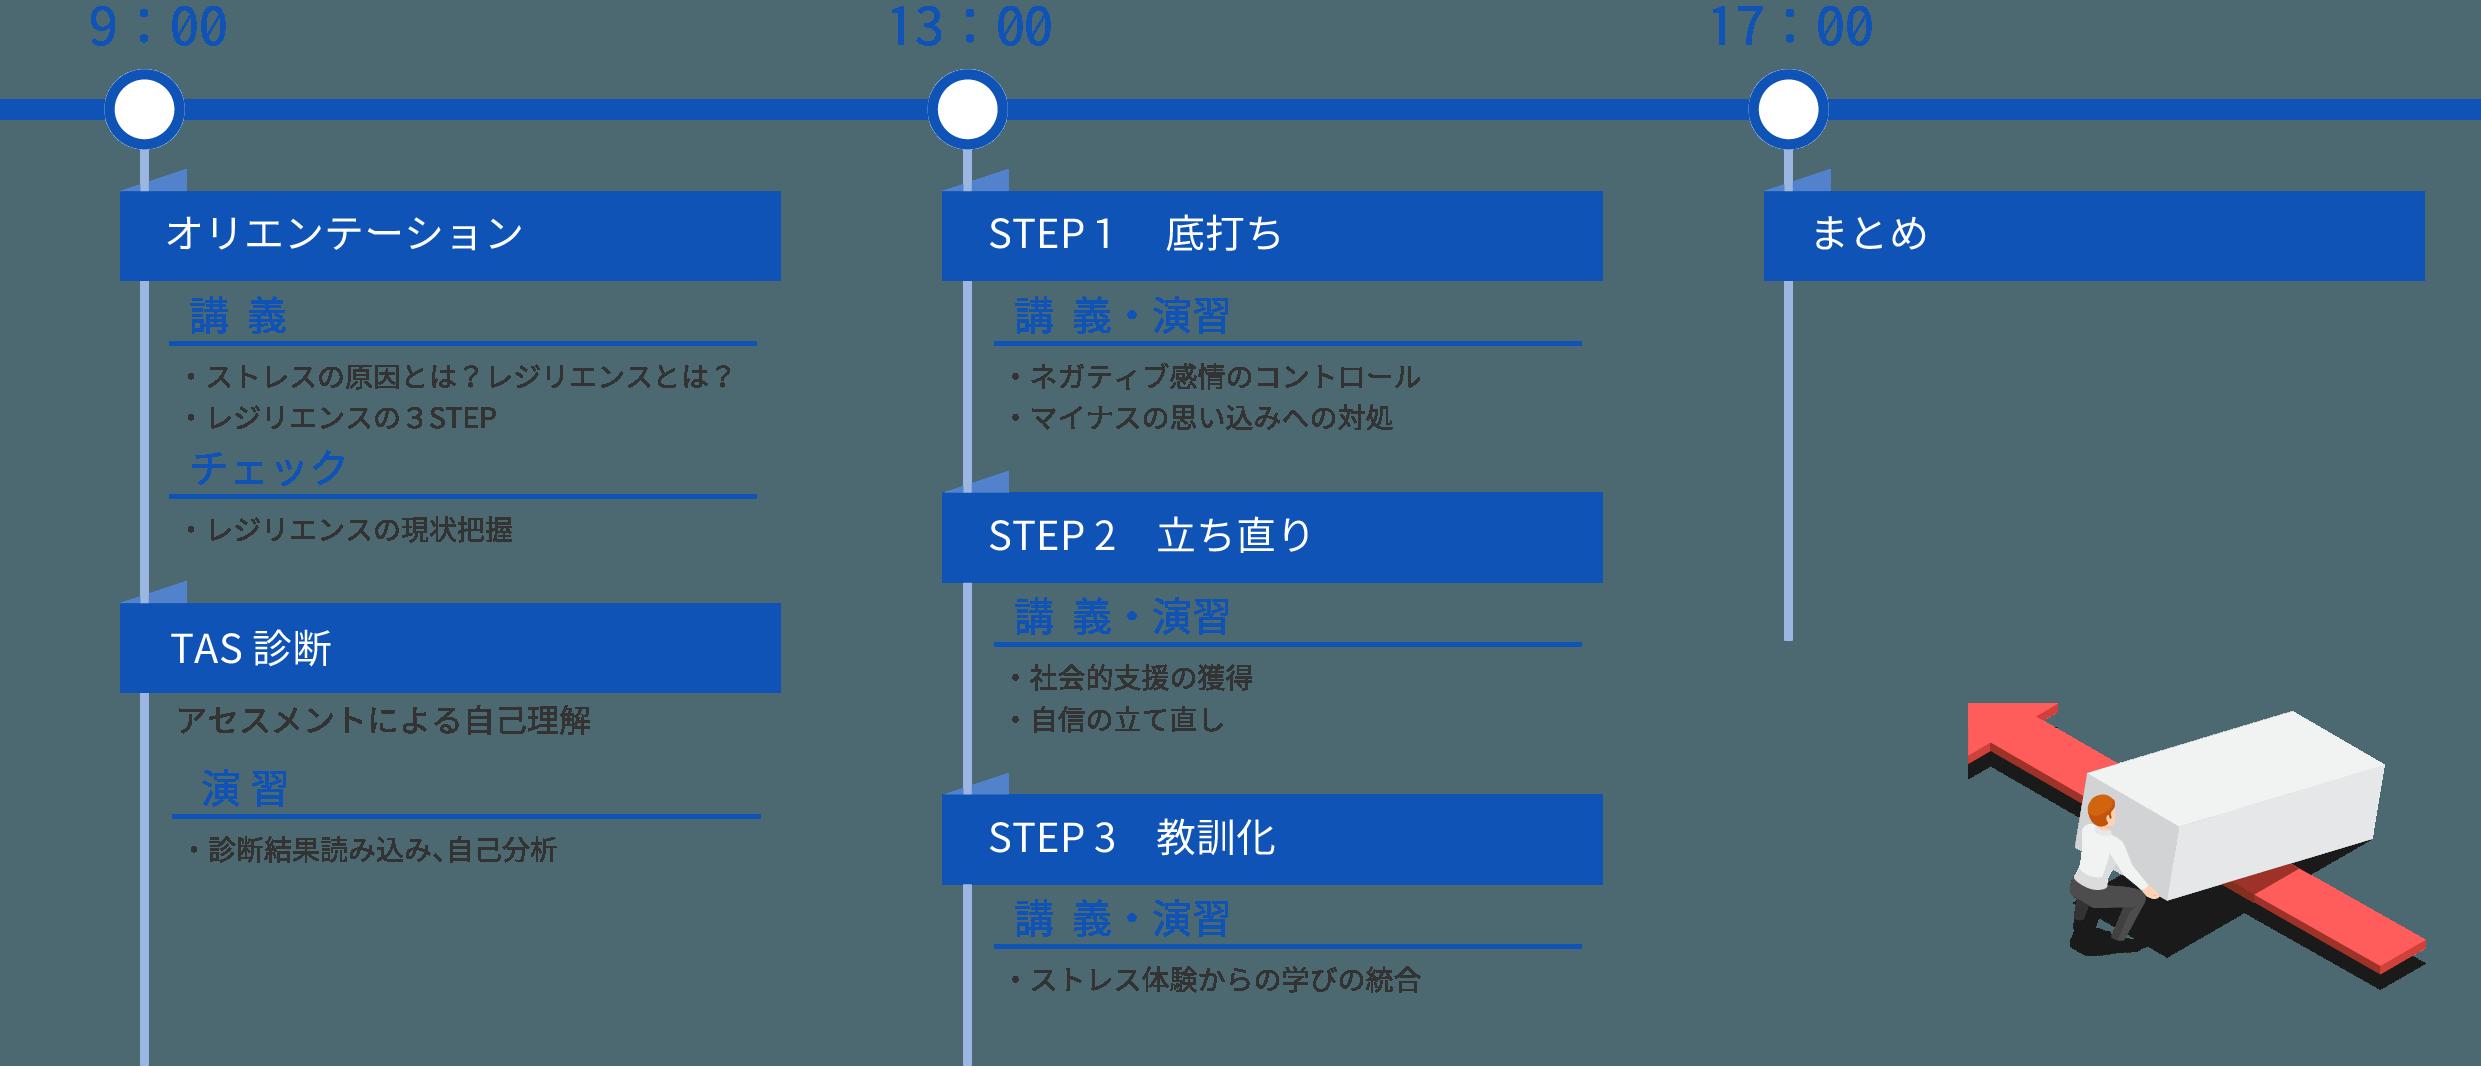 プログラム 新人・若手向け 研修カリキュラム